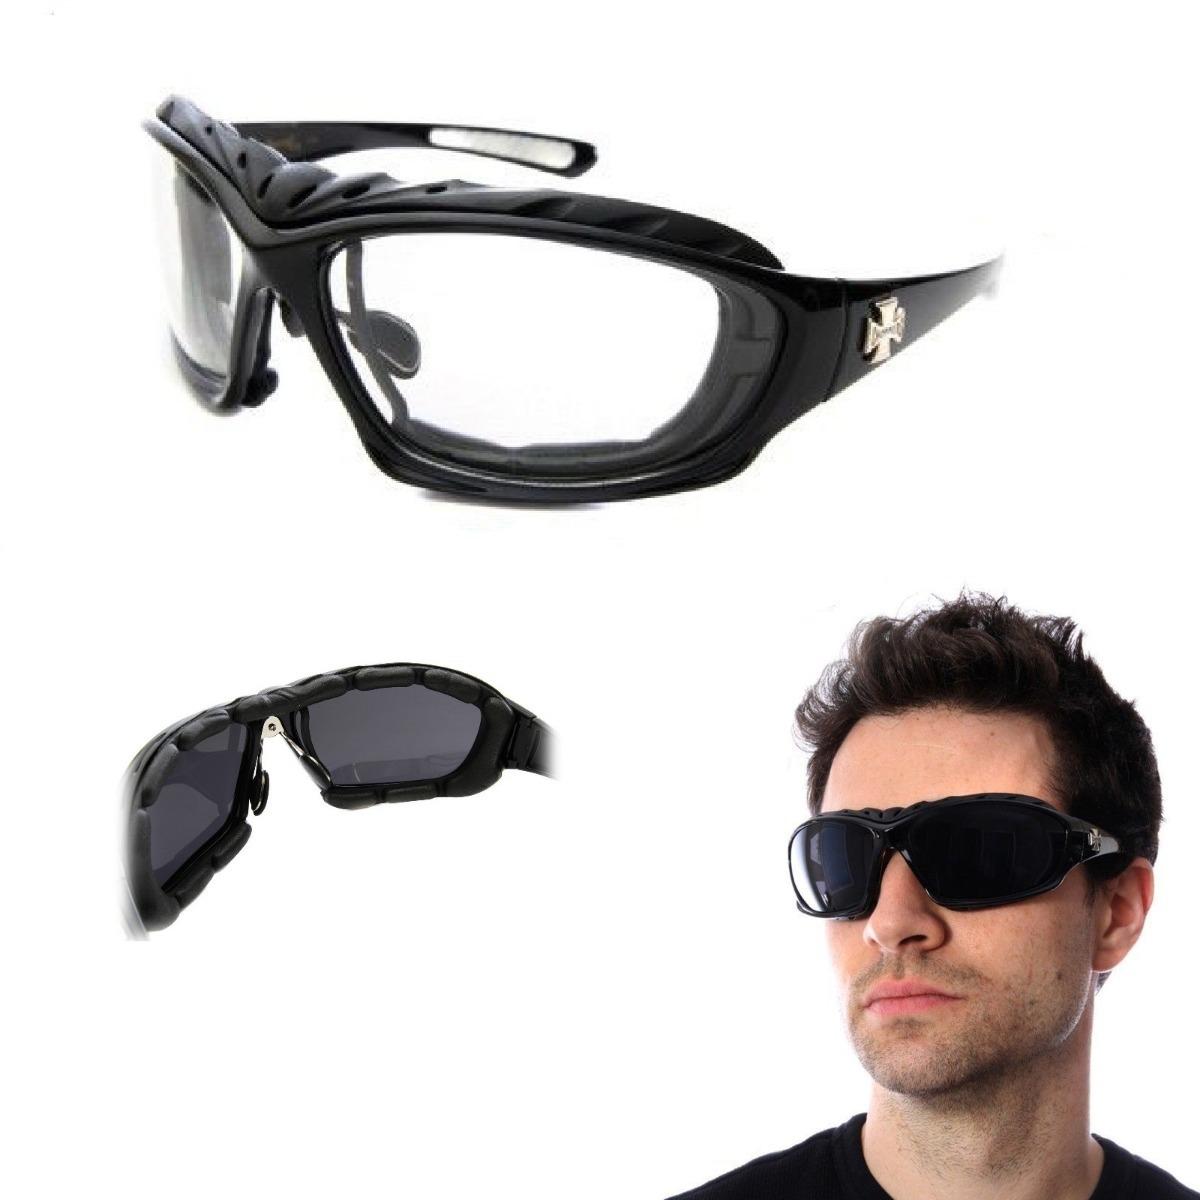 76cd2abc1122a óculos motociclista extreme choppers original capacete abert. Carregando  zoom.